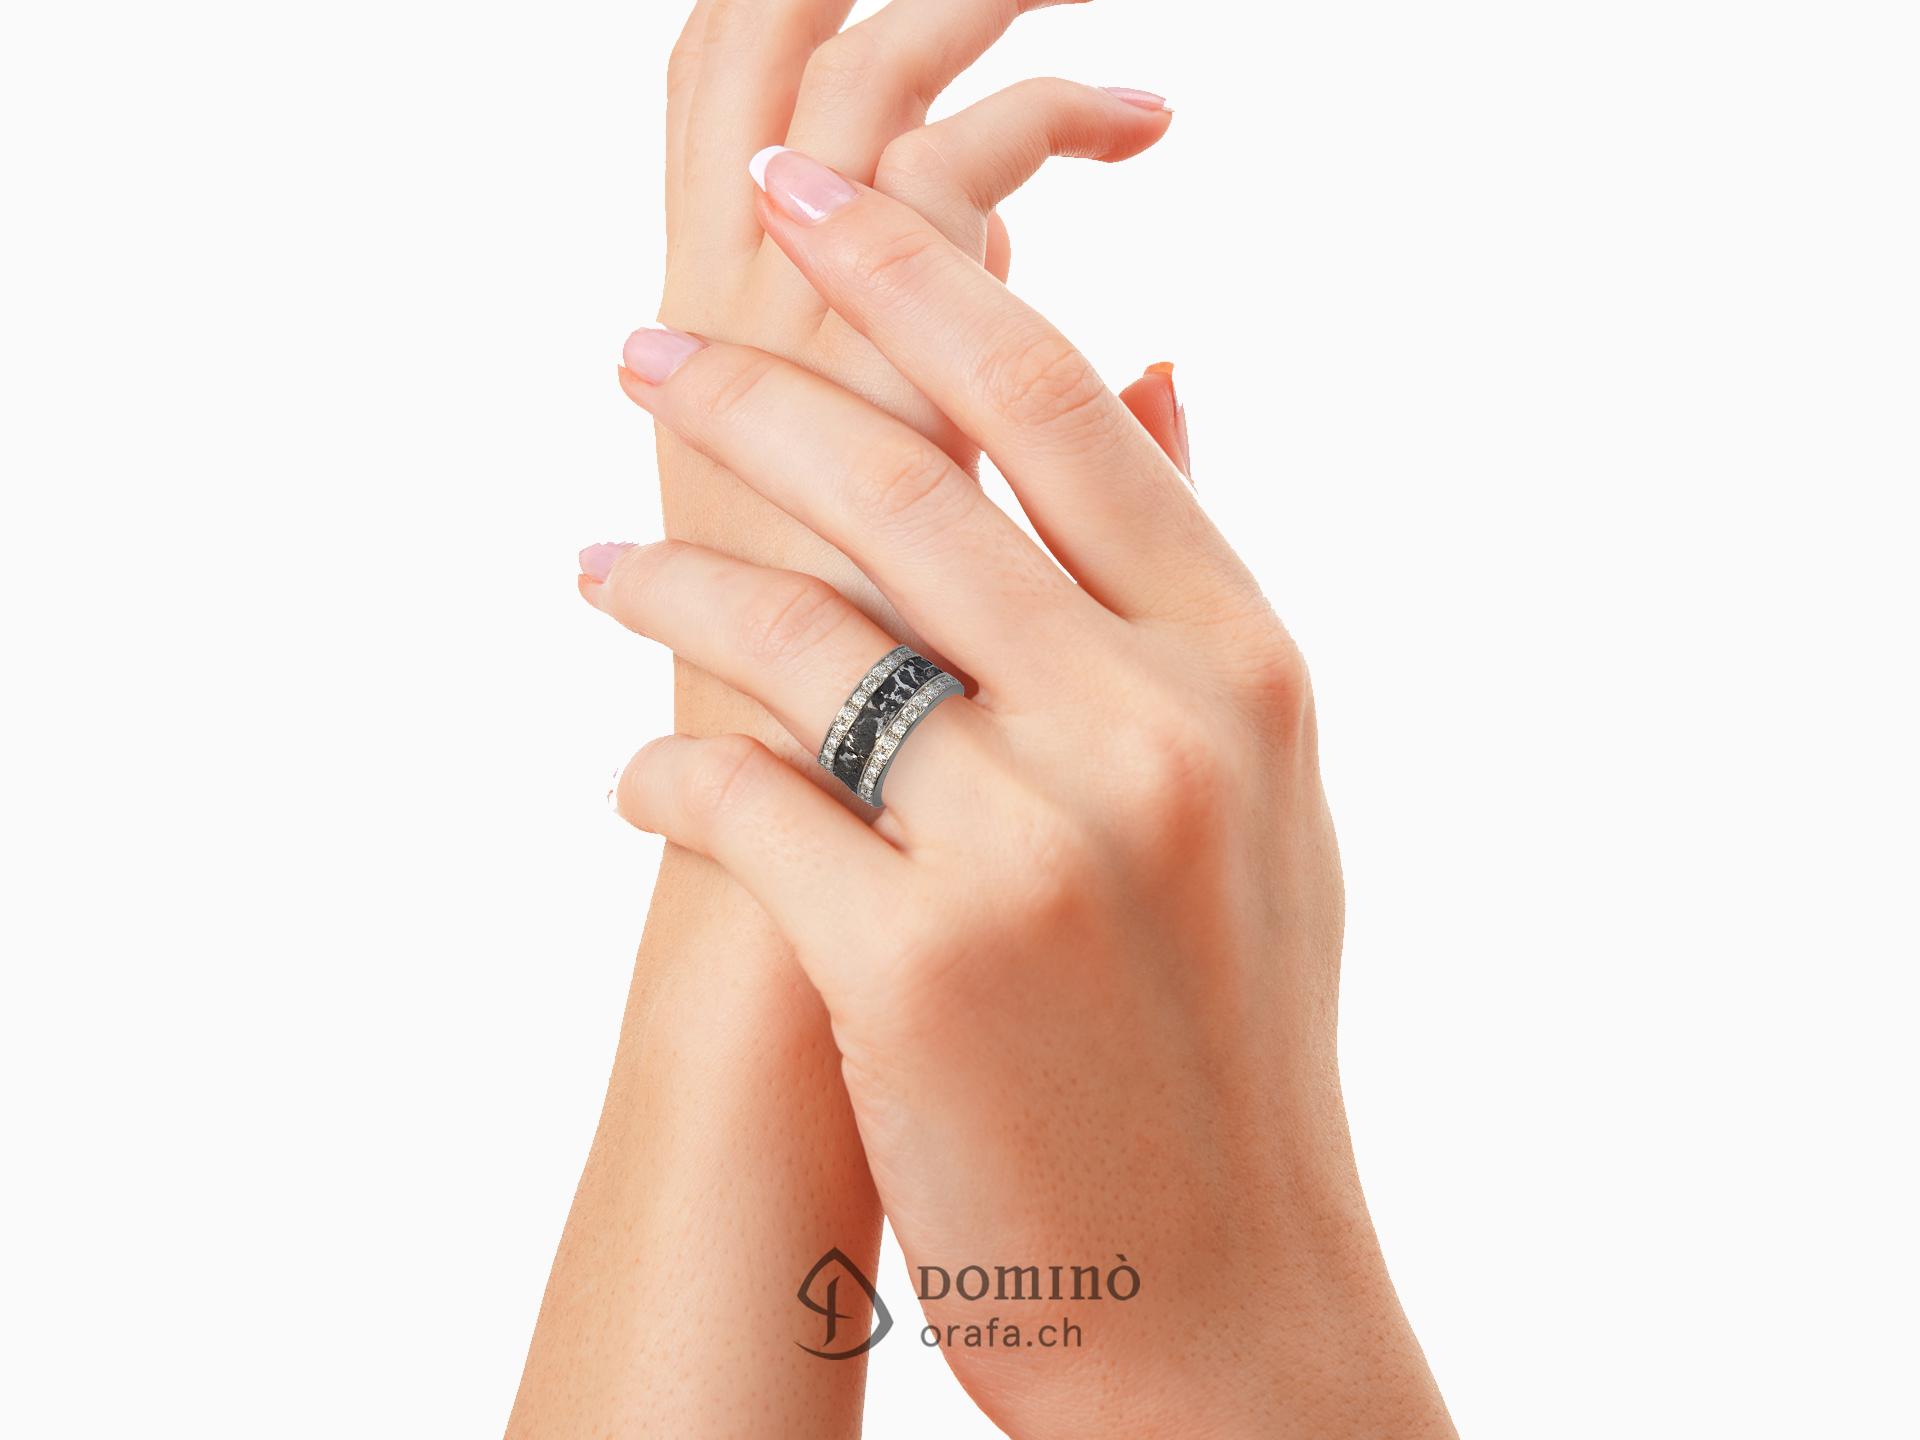 anello-ferro-prezioso-oceano-diamanti-incolore-doppio-pave-1